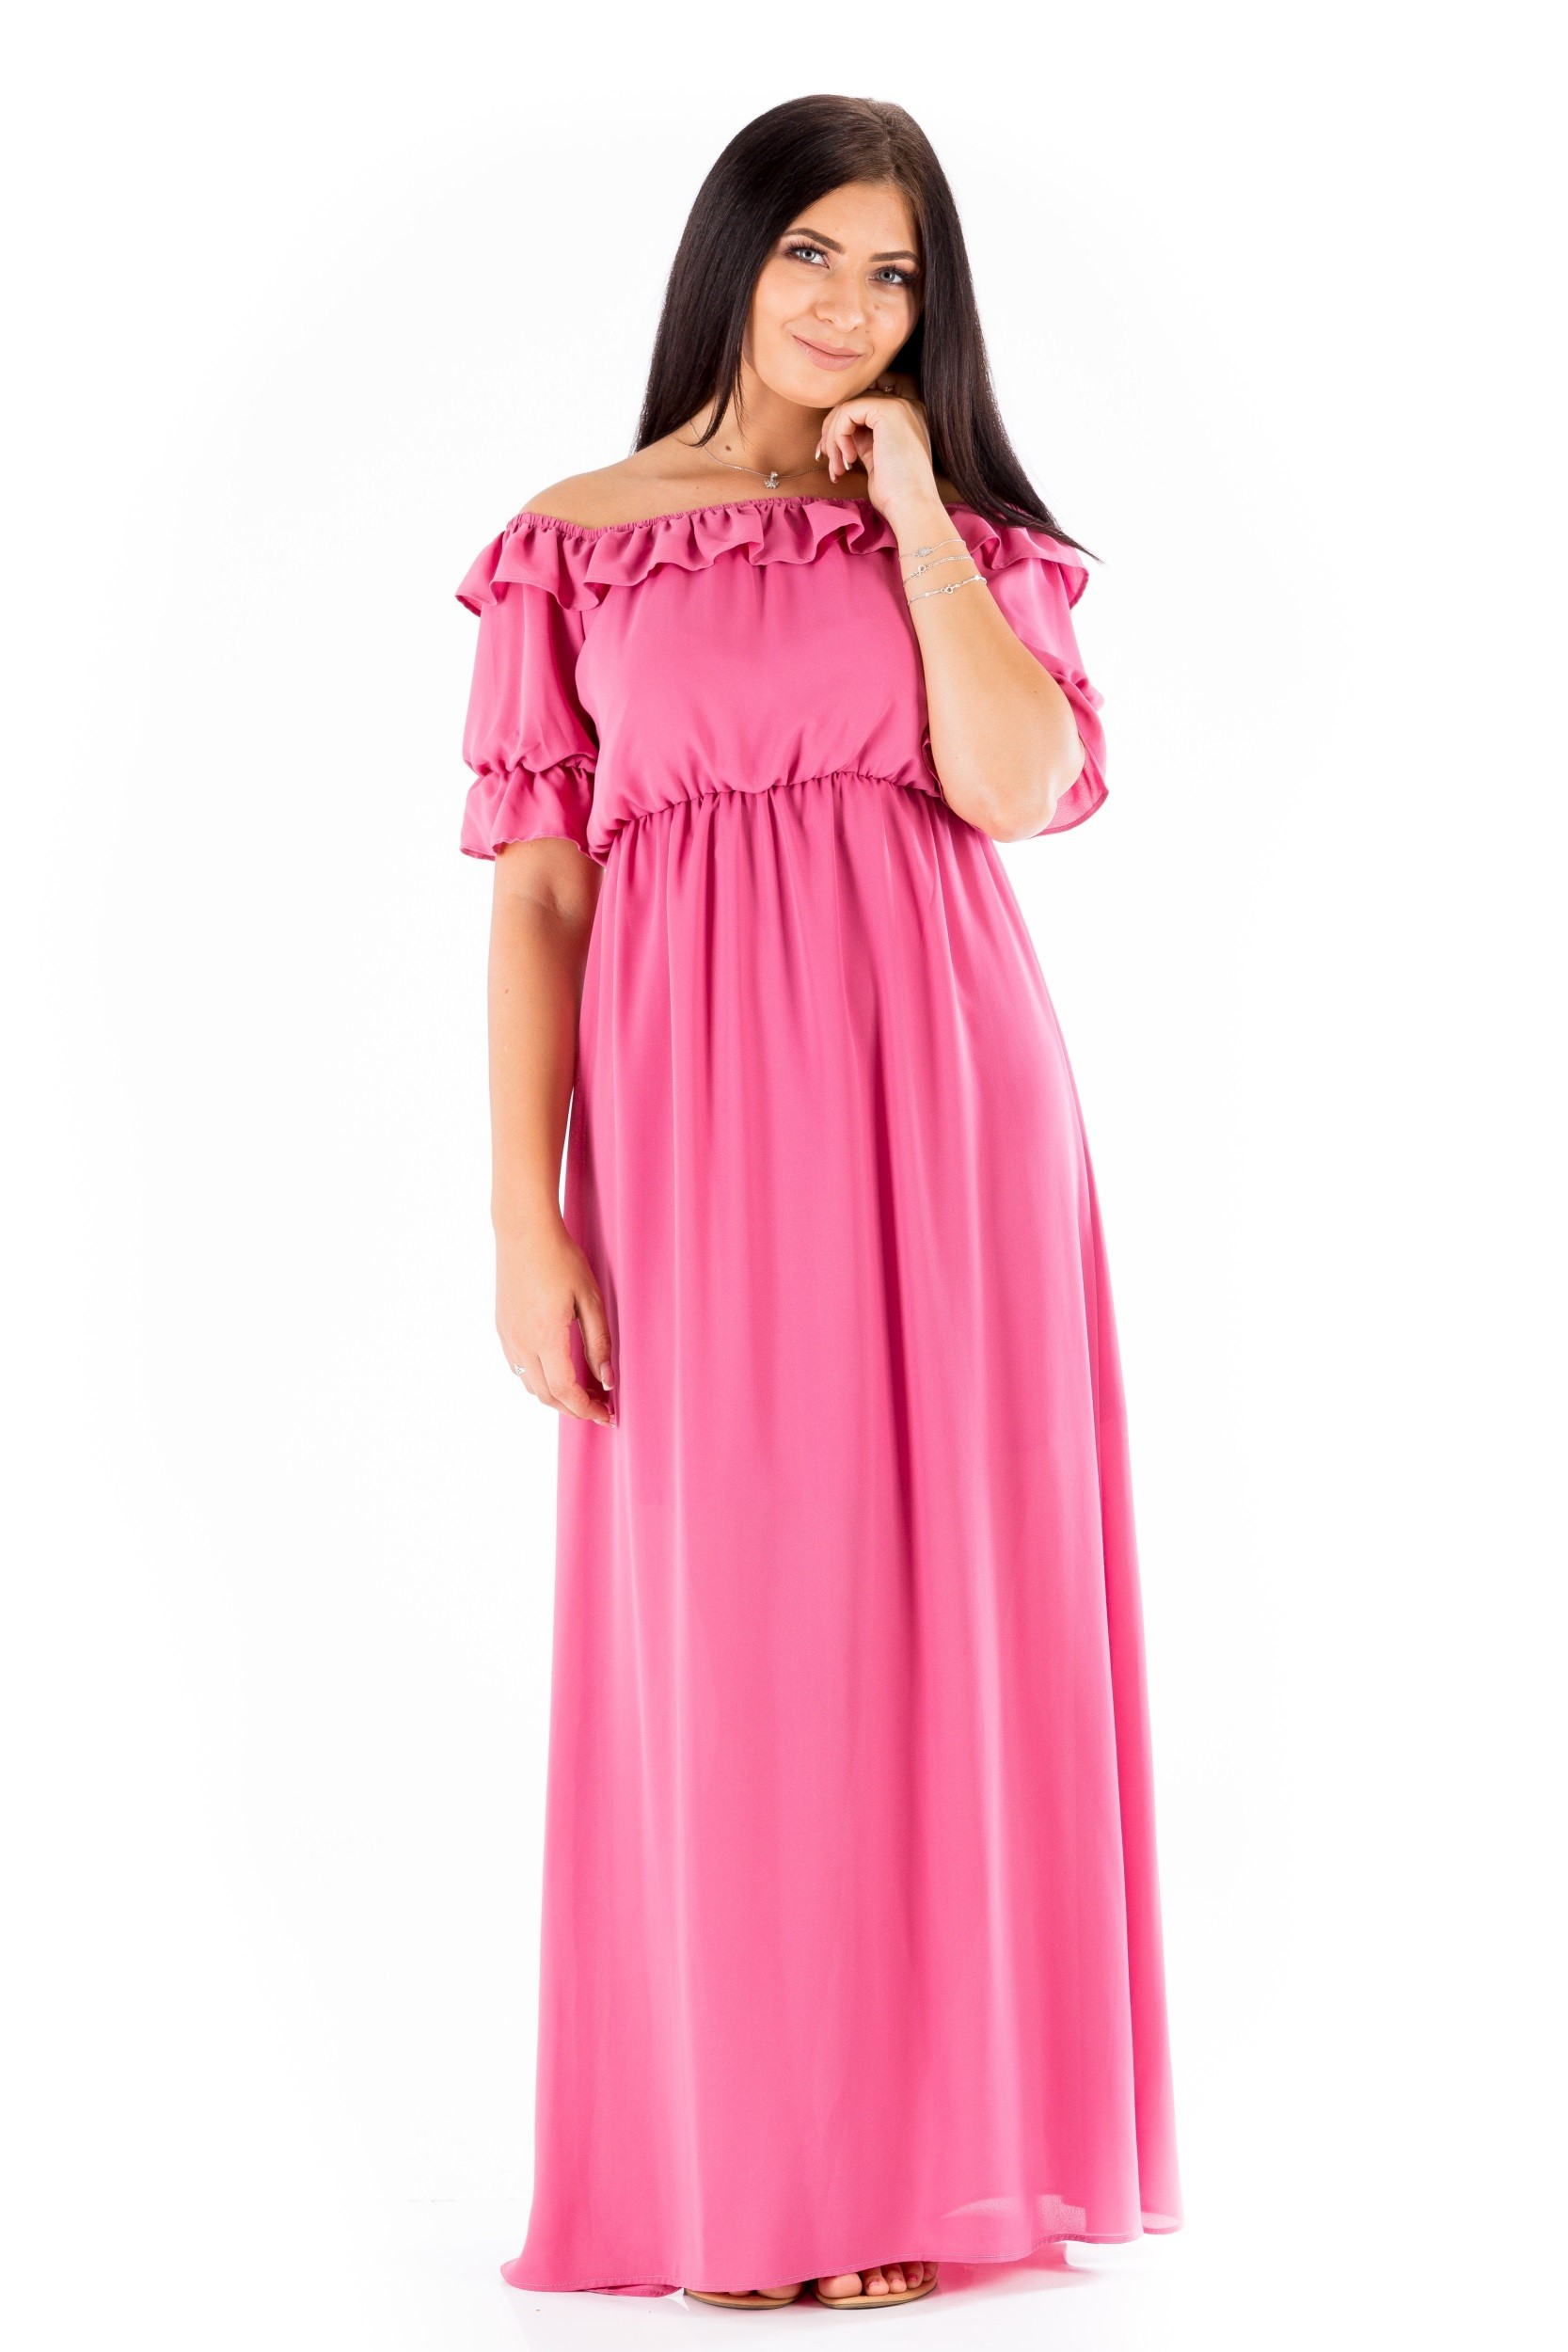 Rochie roz, lungă și cu mânecă bufantă